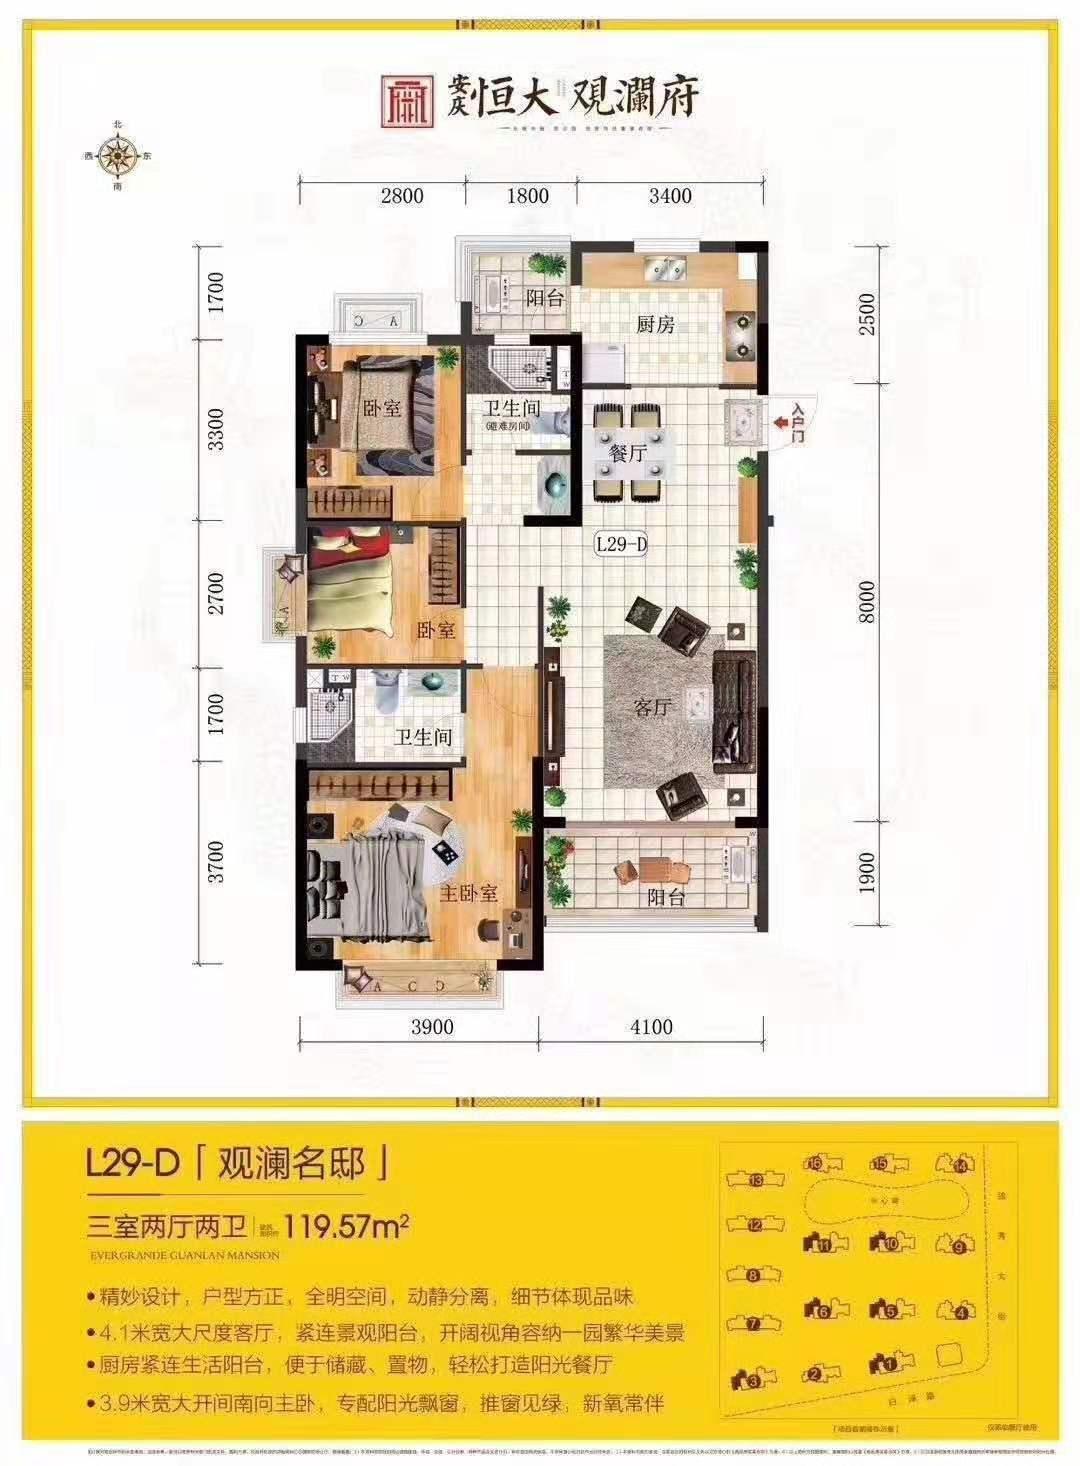 L29-D户型 3室2厅2卫 119.57㎡